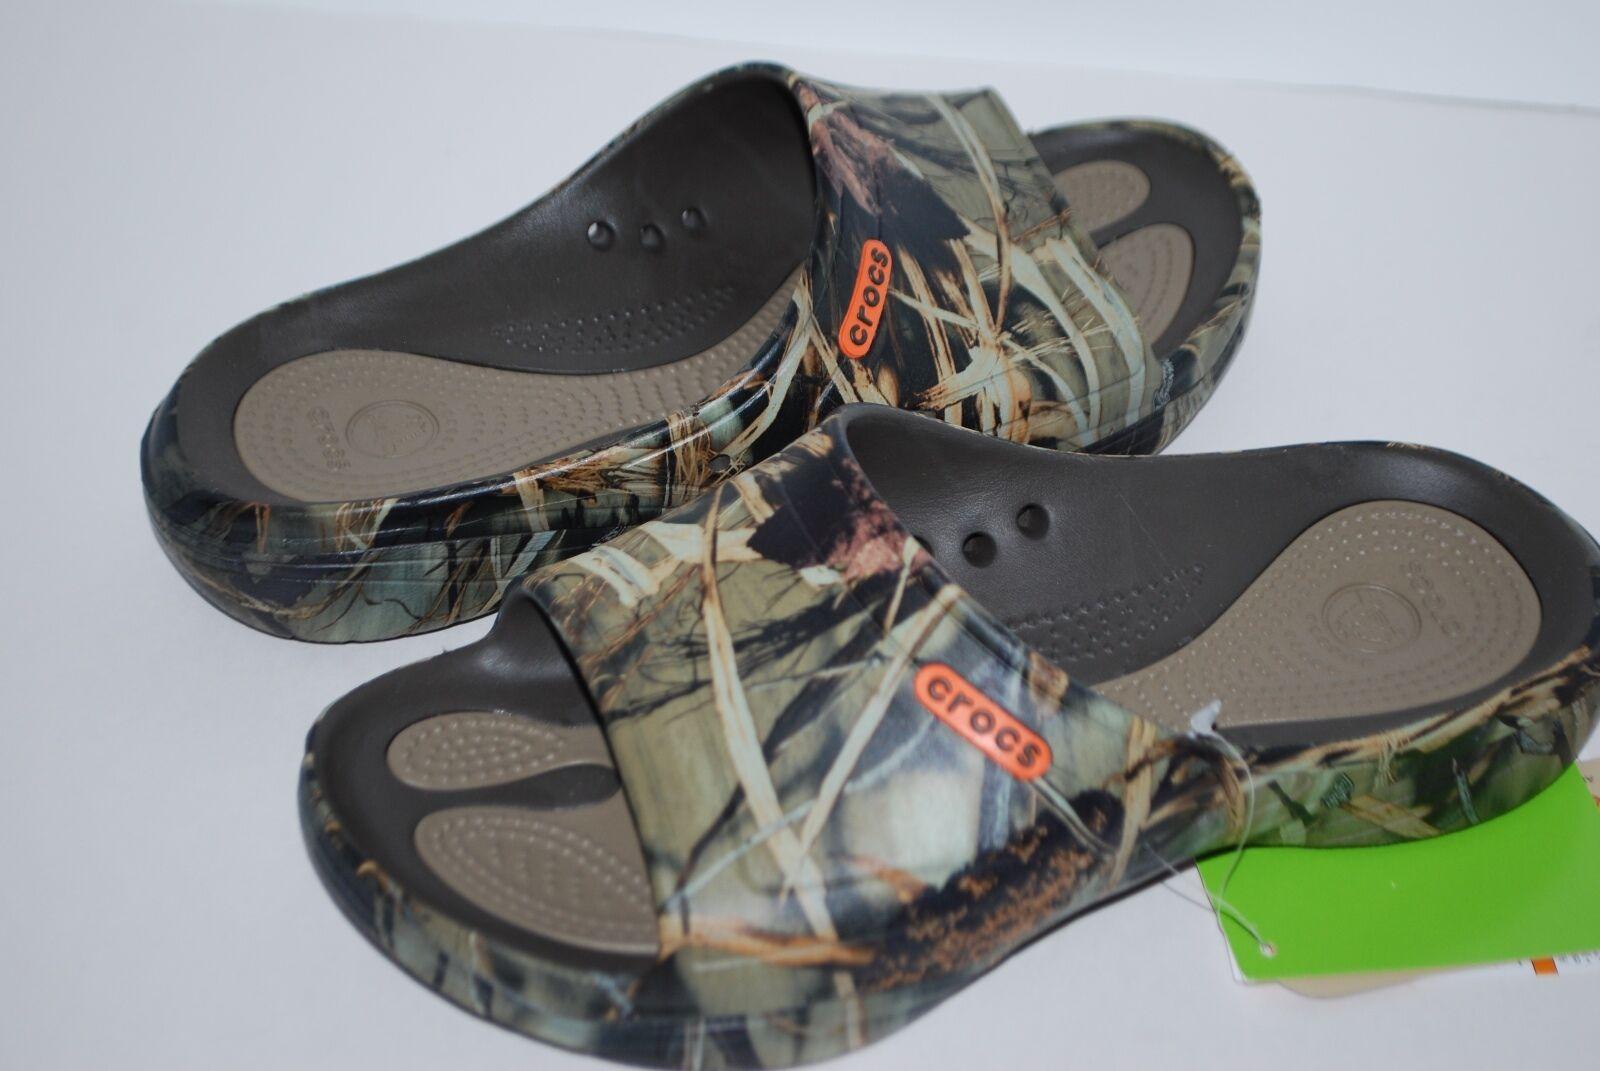 NWT NEW CROCS MODI 2.0 REALTREE MAX-4 SLIDE shoes 7 8 9 10 11 12 13 men